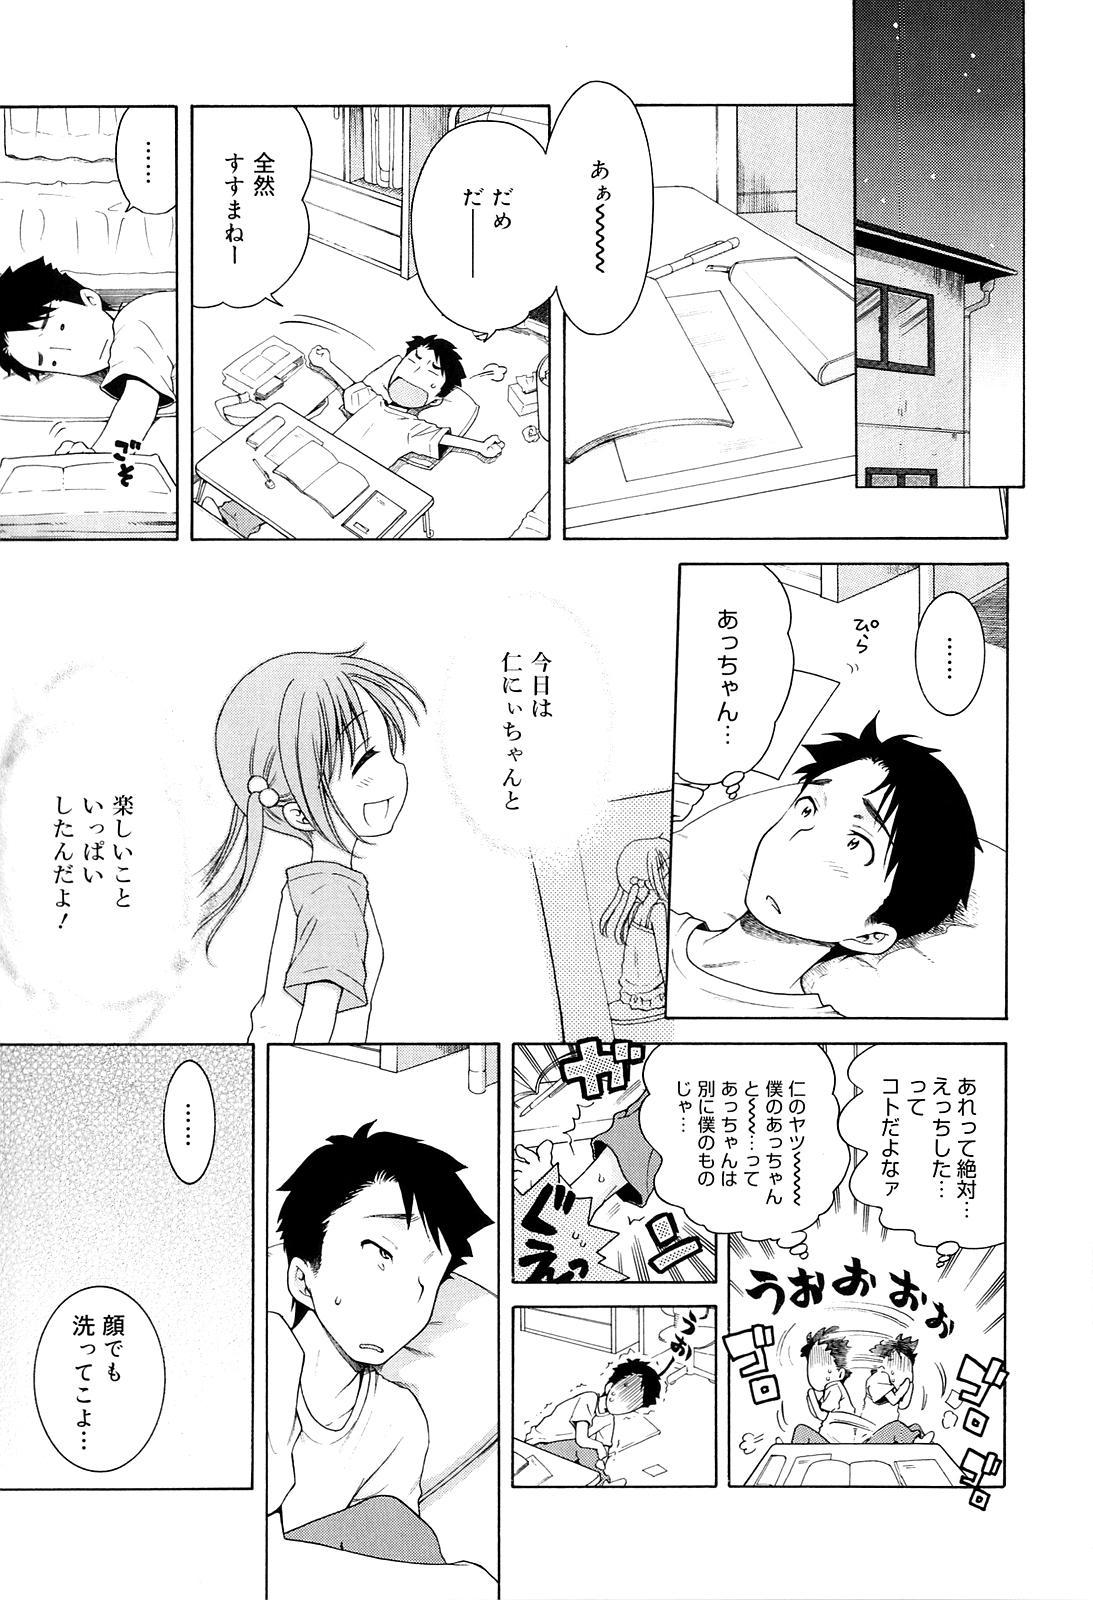 Tsukimisou no Akari 52